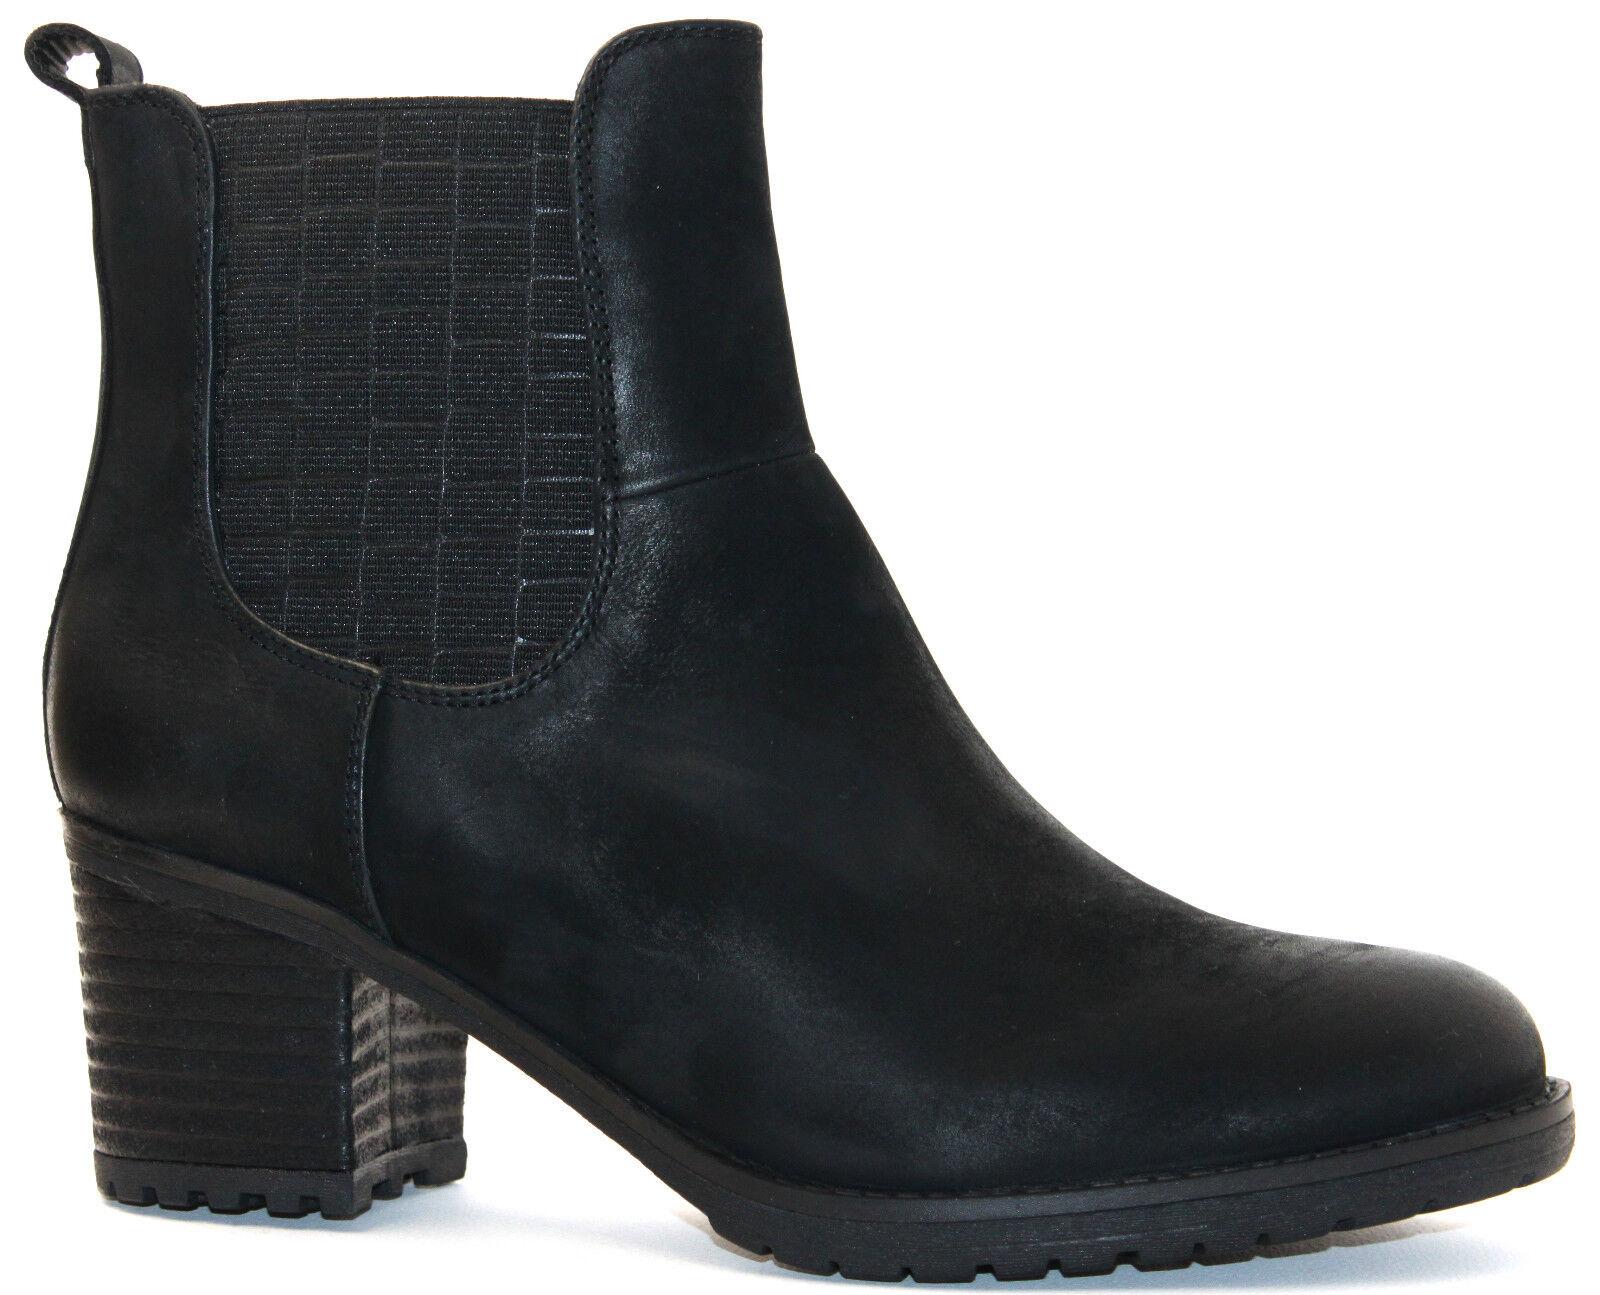 SPM chaussures bottesette PIAGET Chelsea Ankle démarrage 17905884 noir Leder